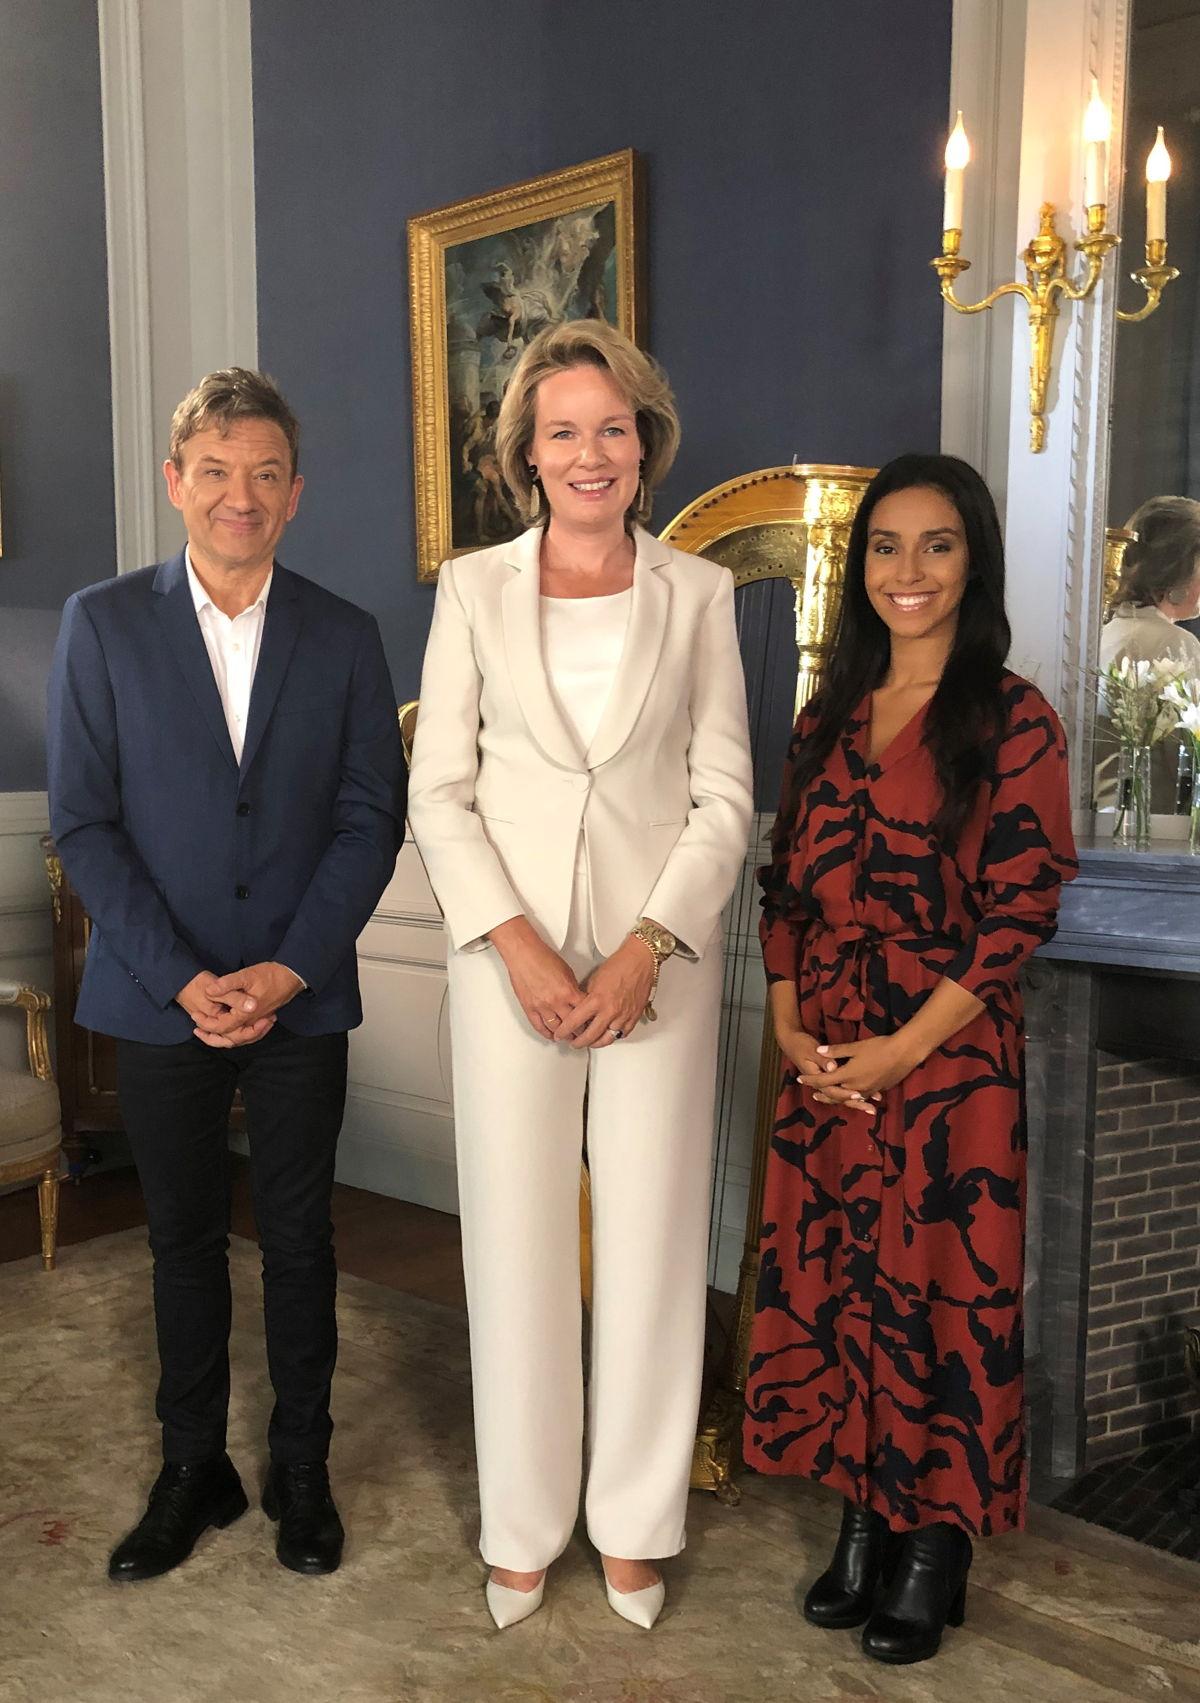 Vlnr. Bart Peeters, Hare Majesteit en Nora Gharib (c) VRT